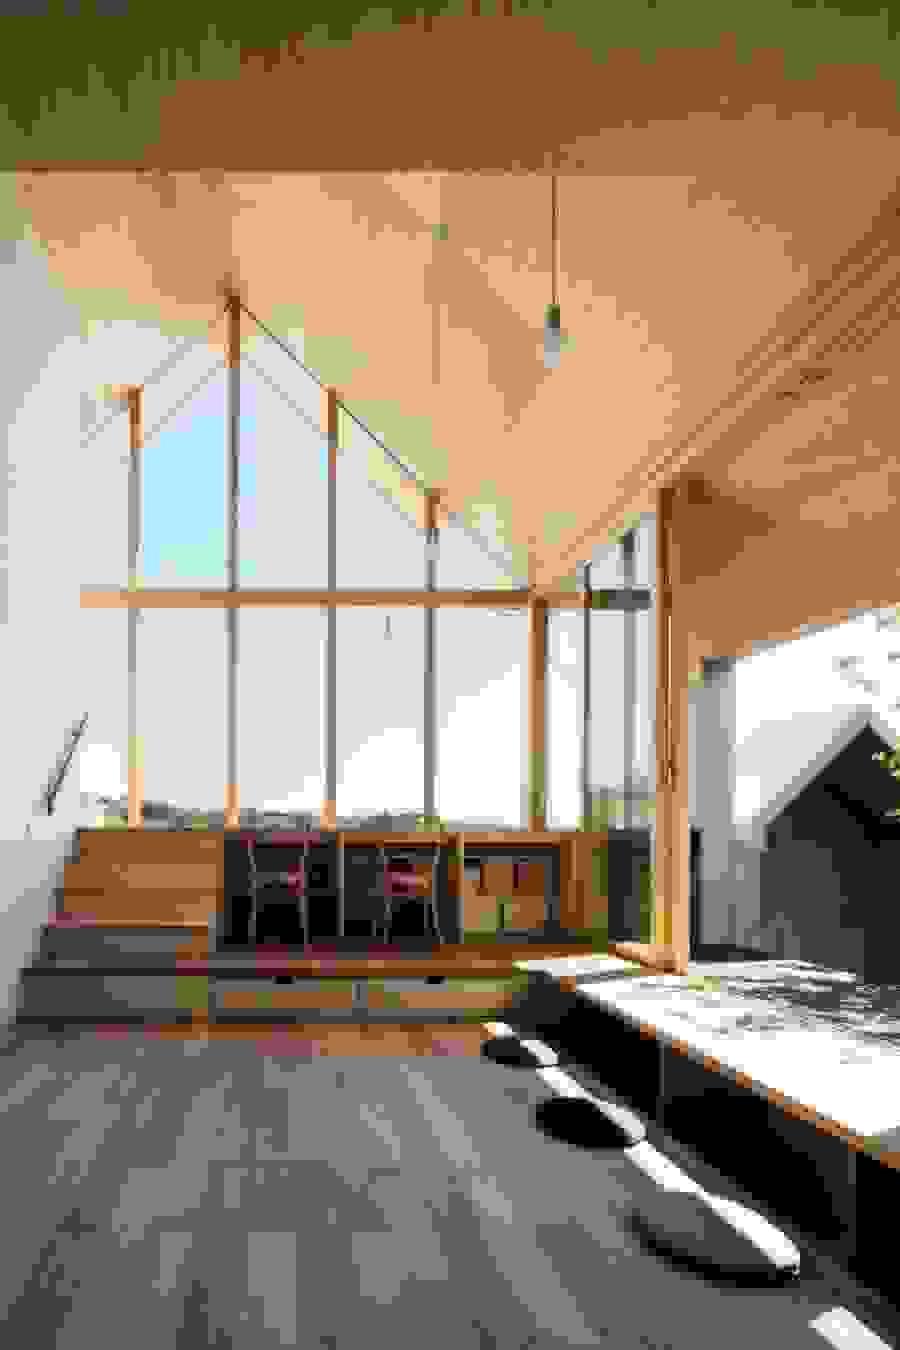 Newtown House by Kohei Yukawa + Hiroto Kawaguchi | source: divisare.com